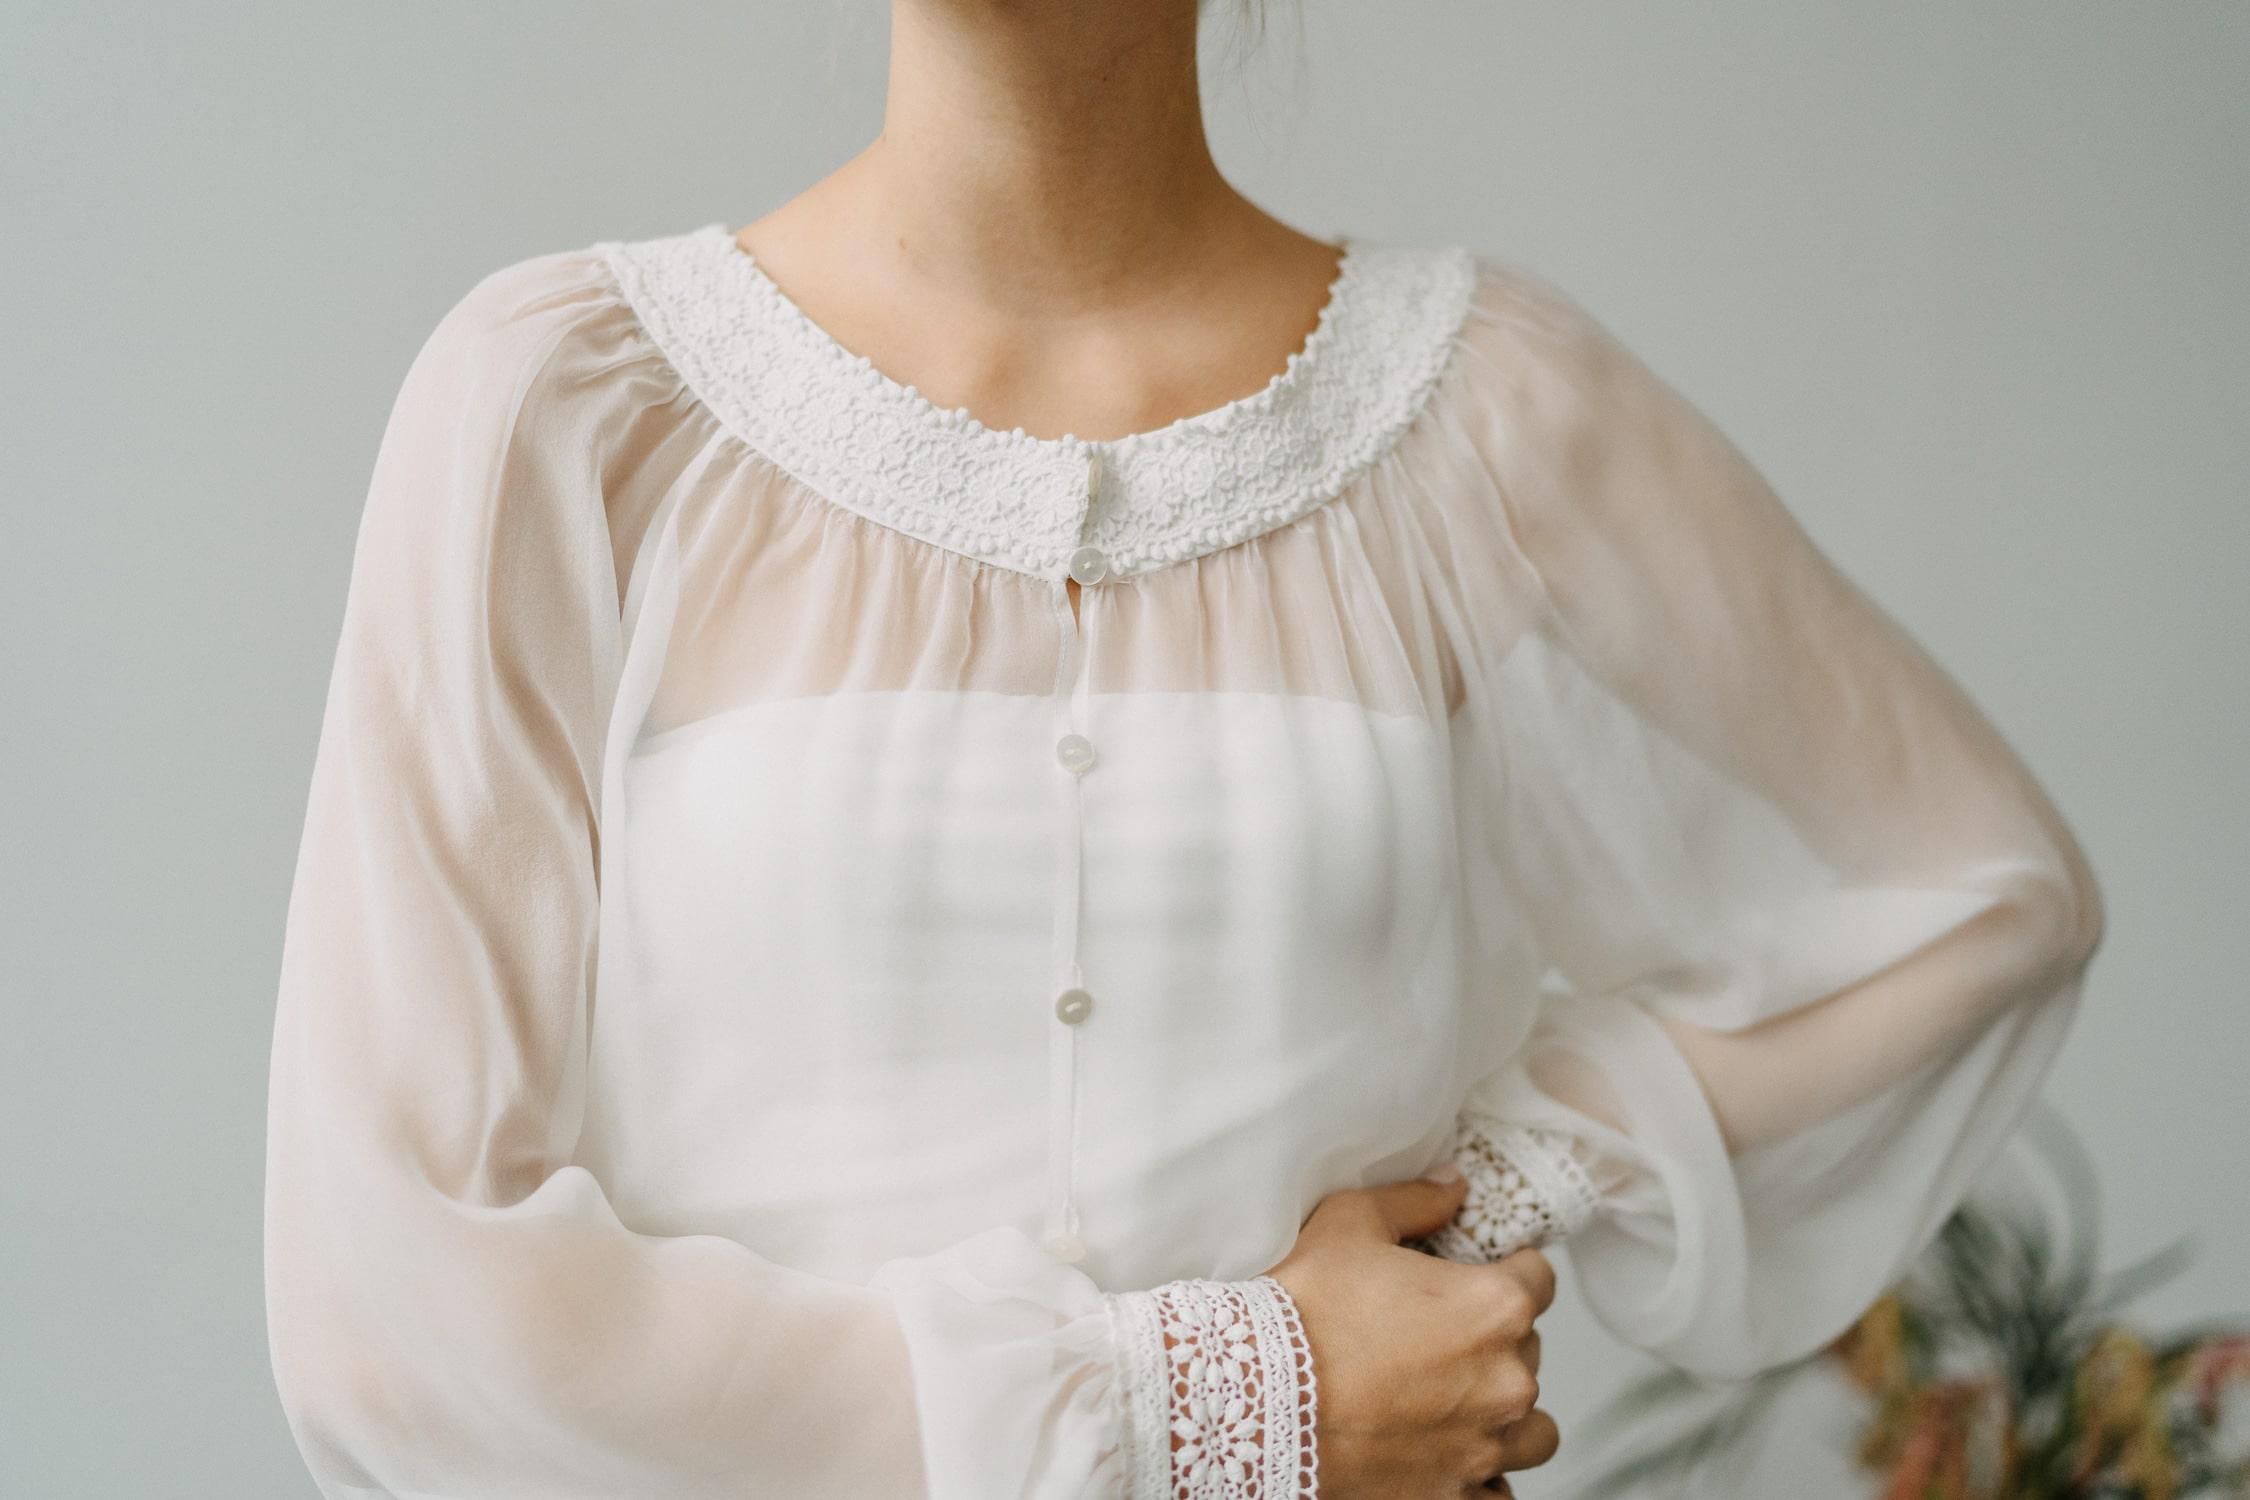 Hochzeitskleid mit weiten Ärmeln – gesehen bei frauimmer-herrewig.de